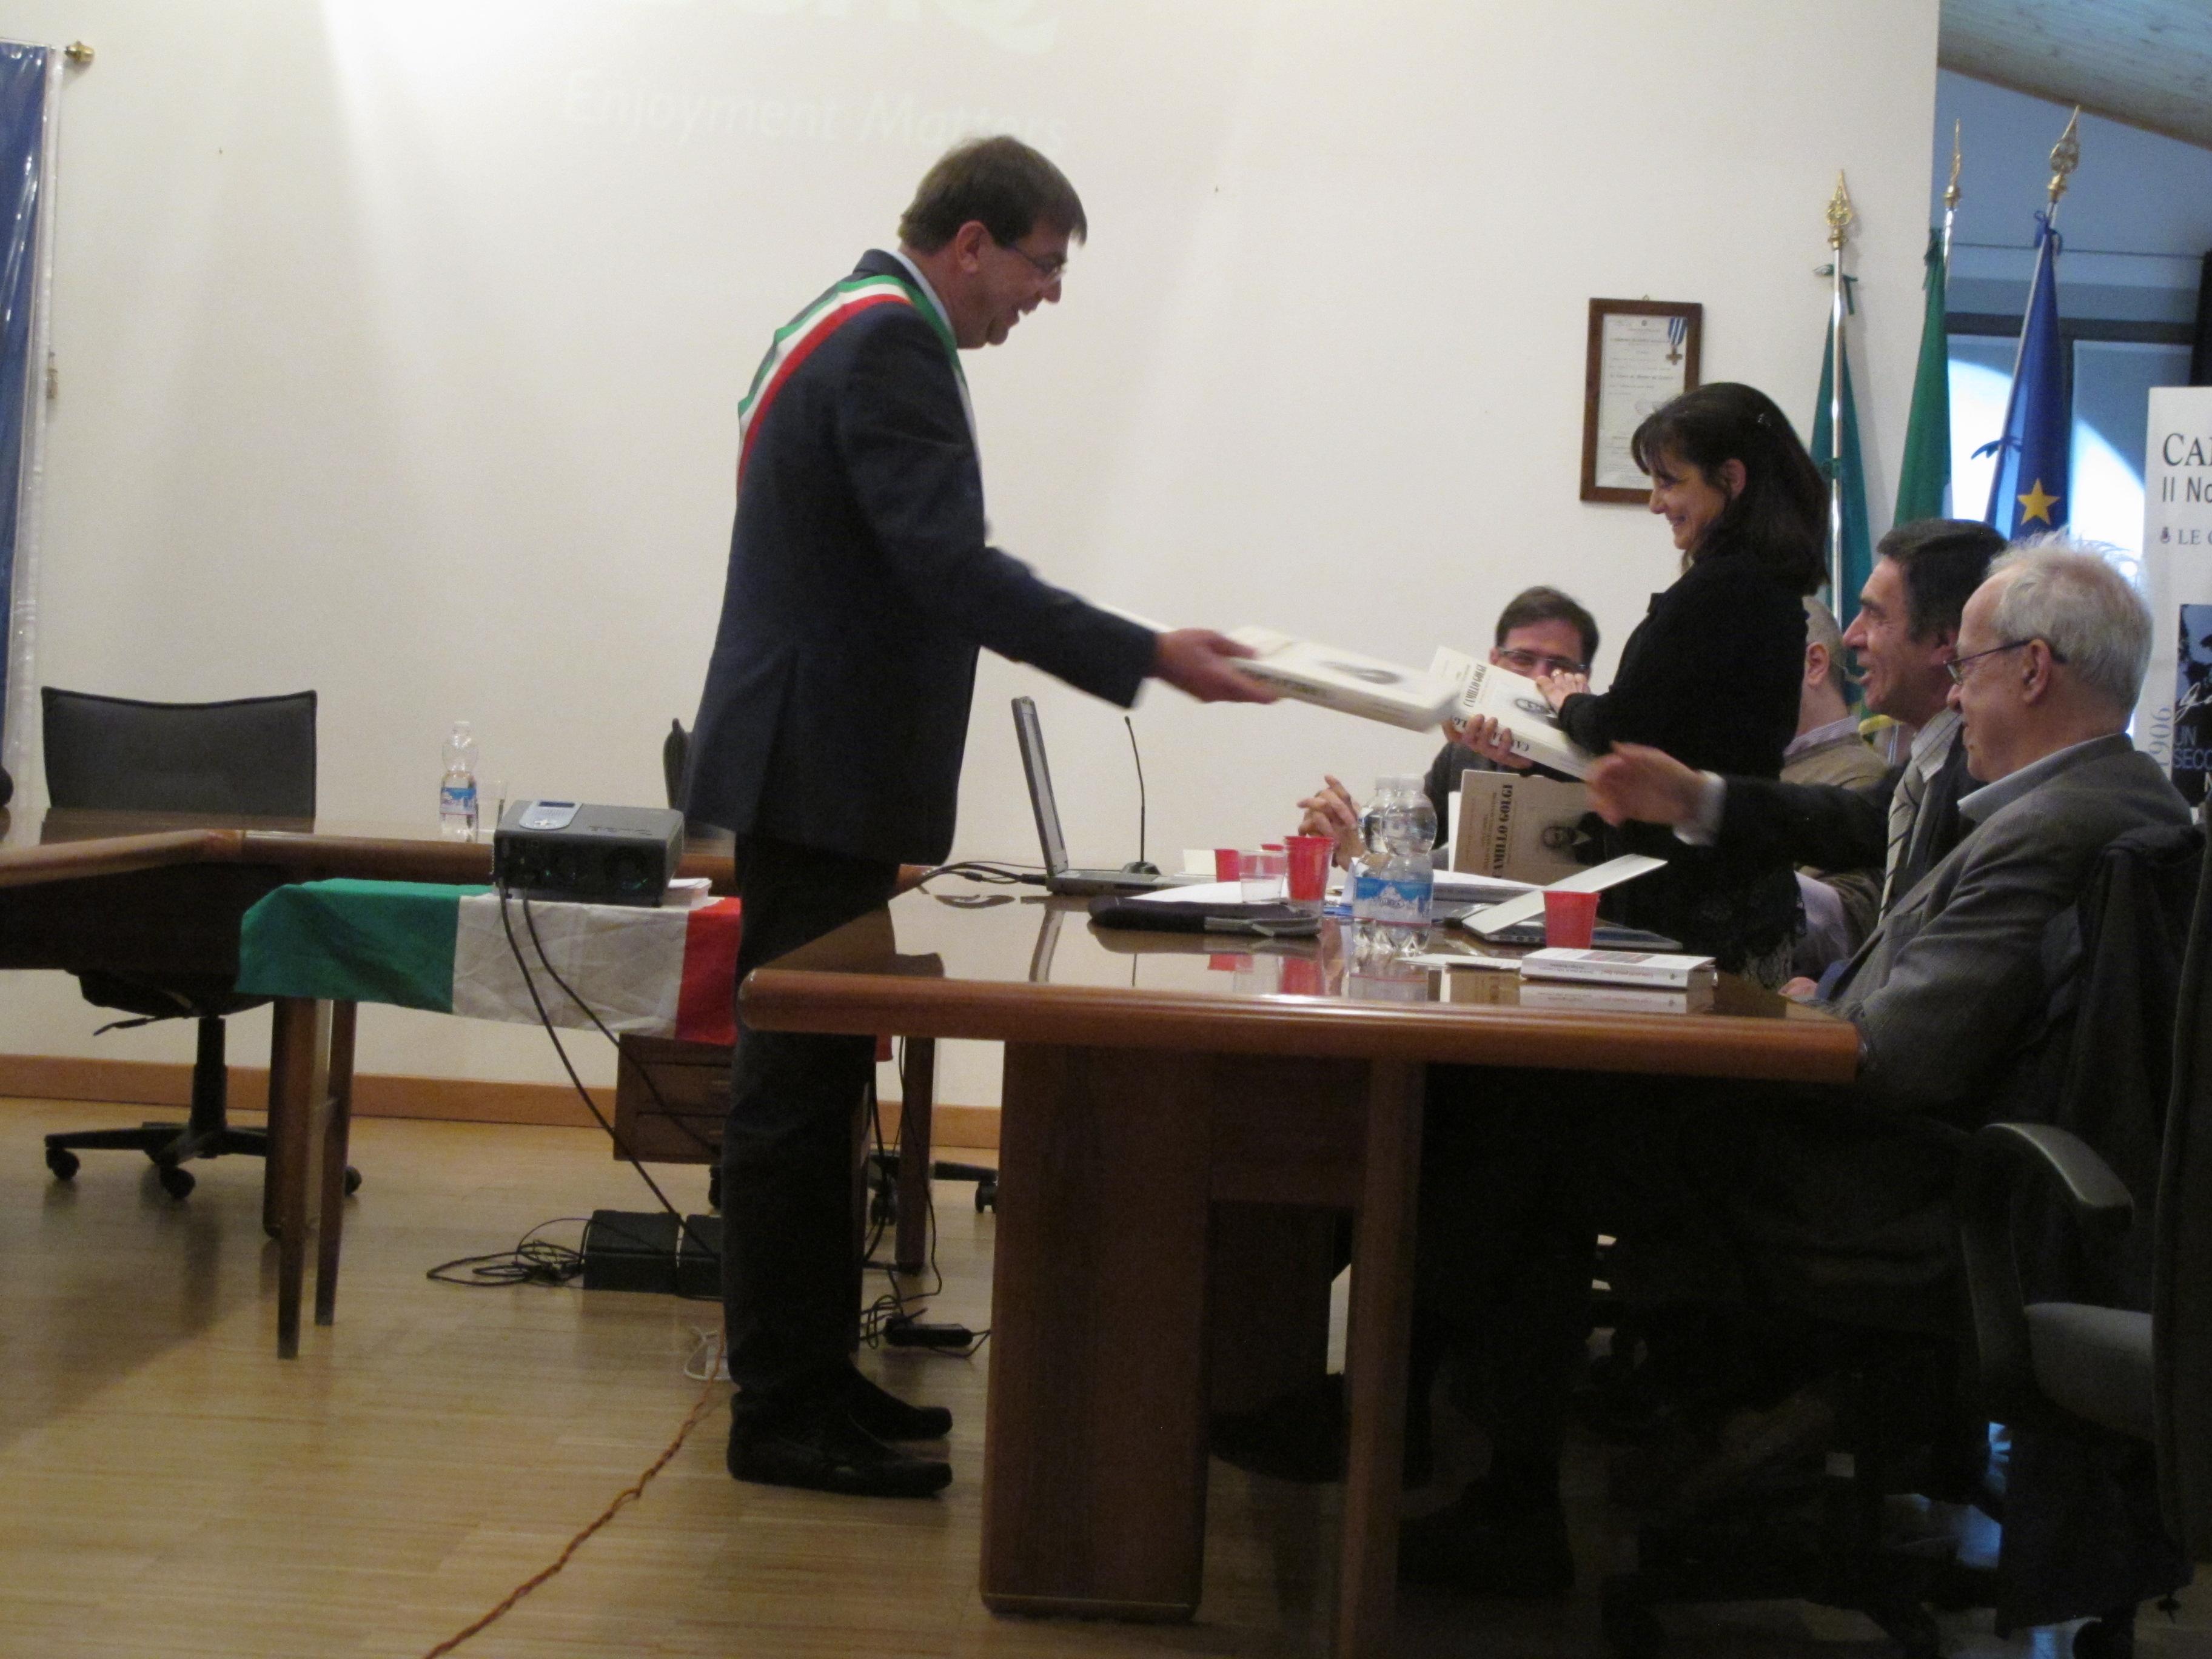 09_convegno Resistenza seme dell'Europa a Corteno Golgi